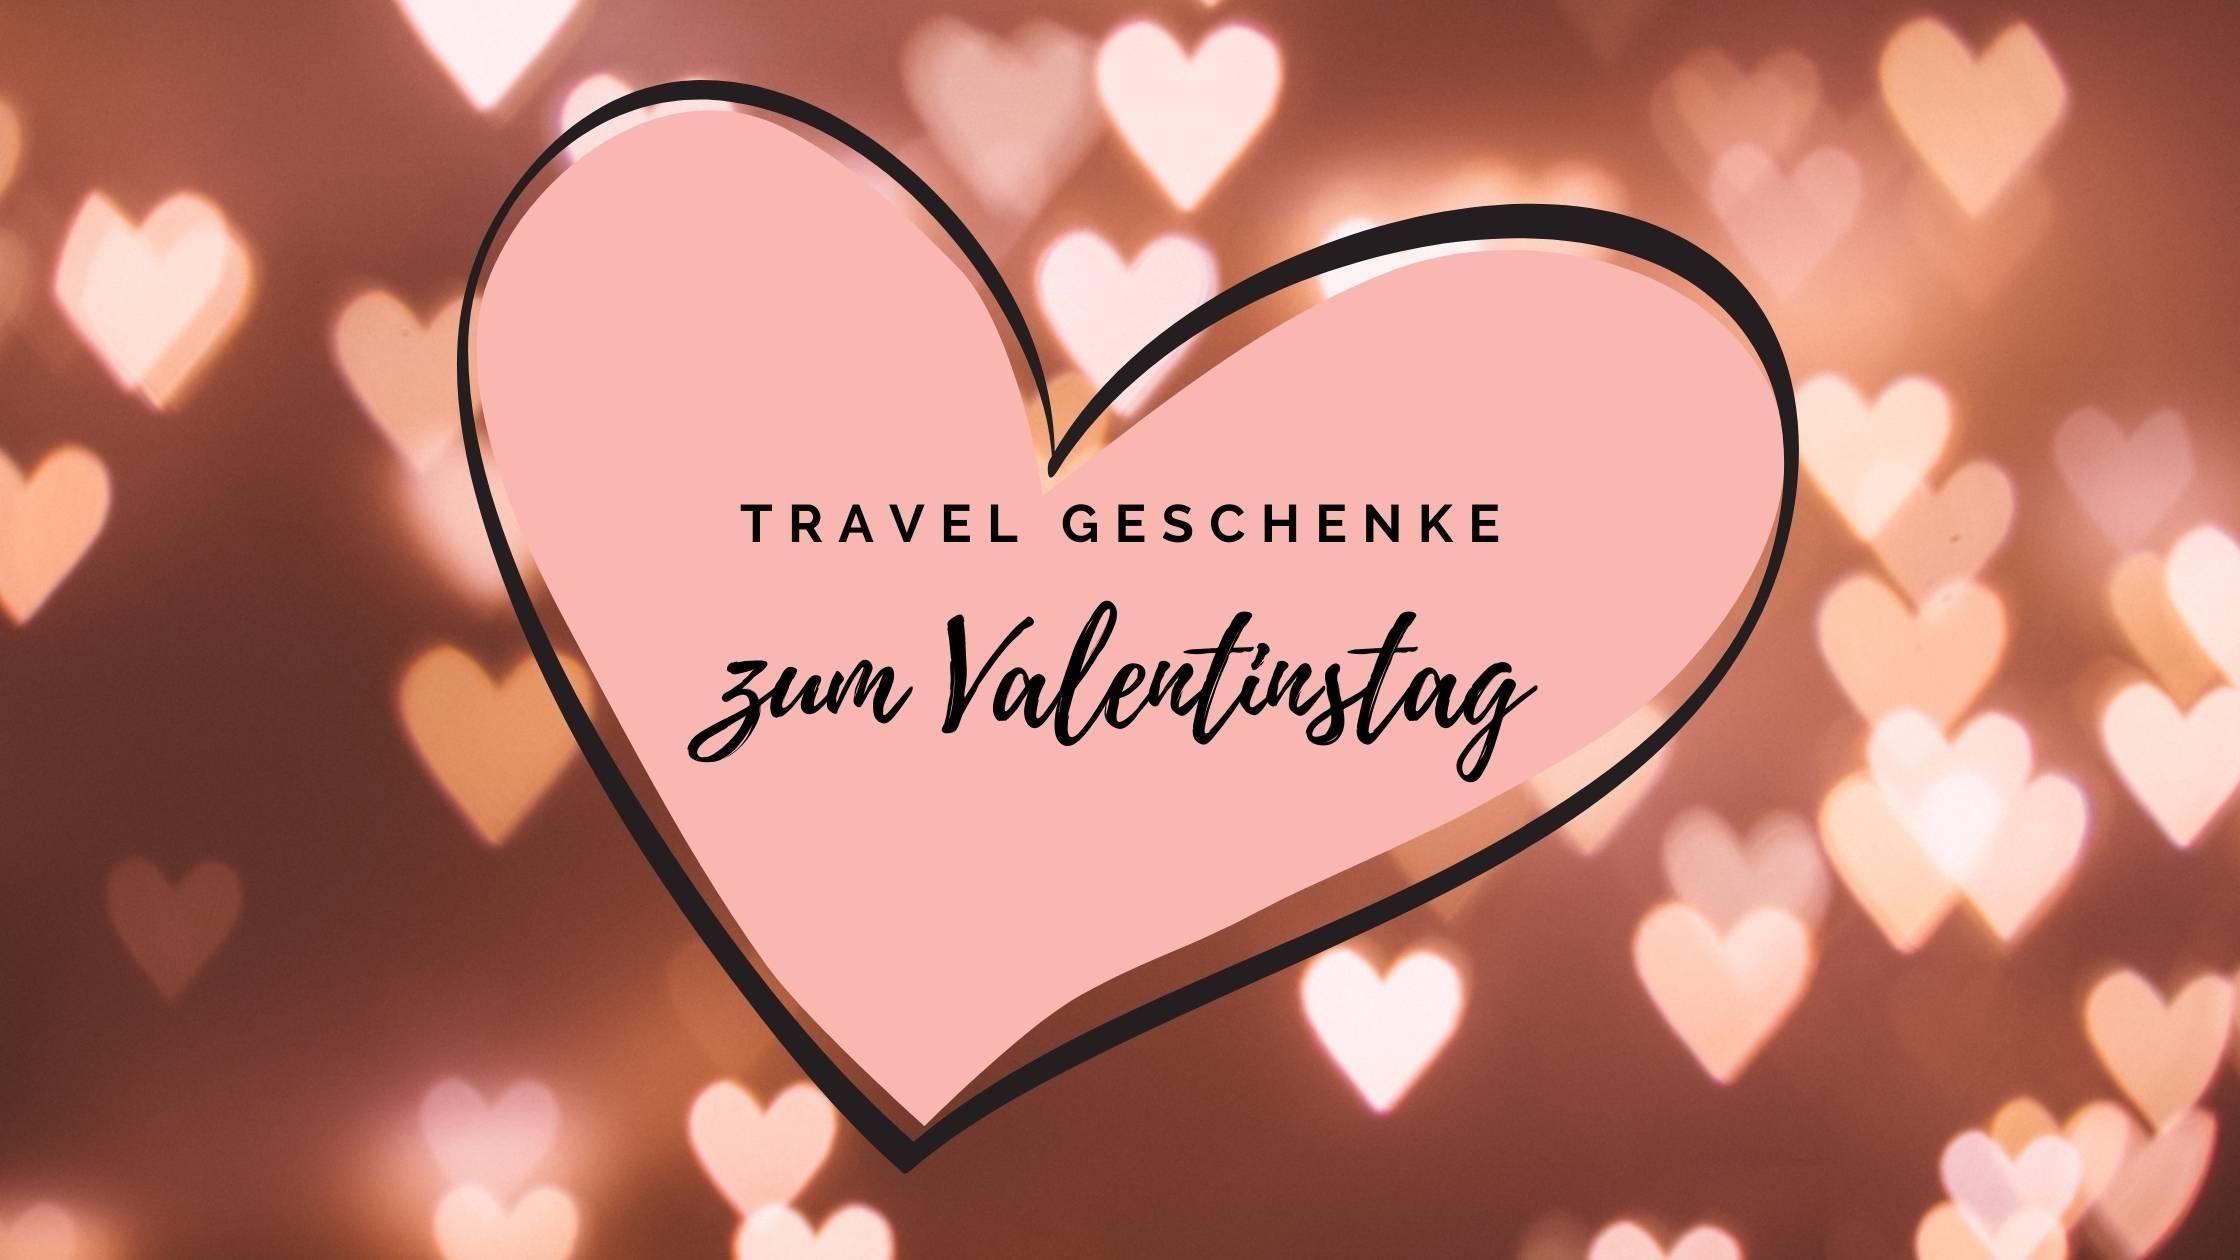 Travel Geschenke zum Valentinstag